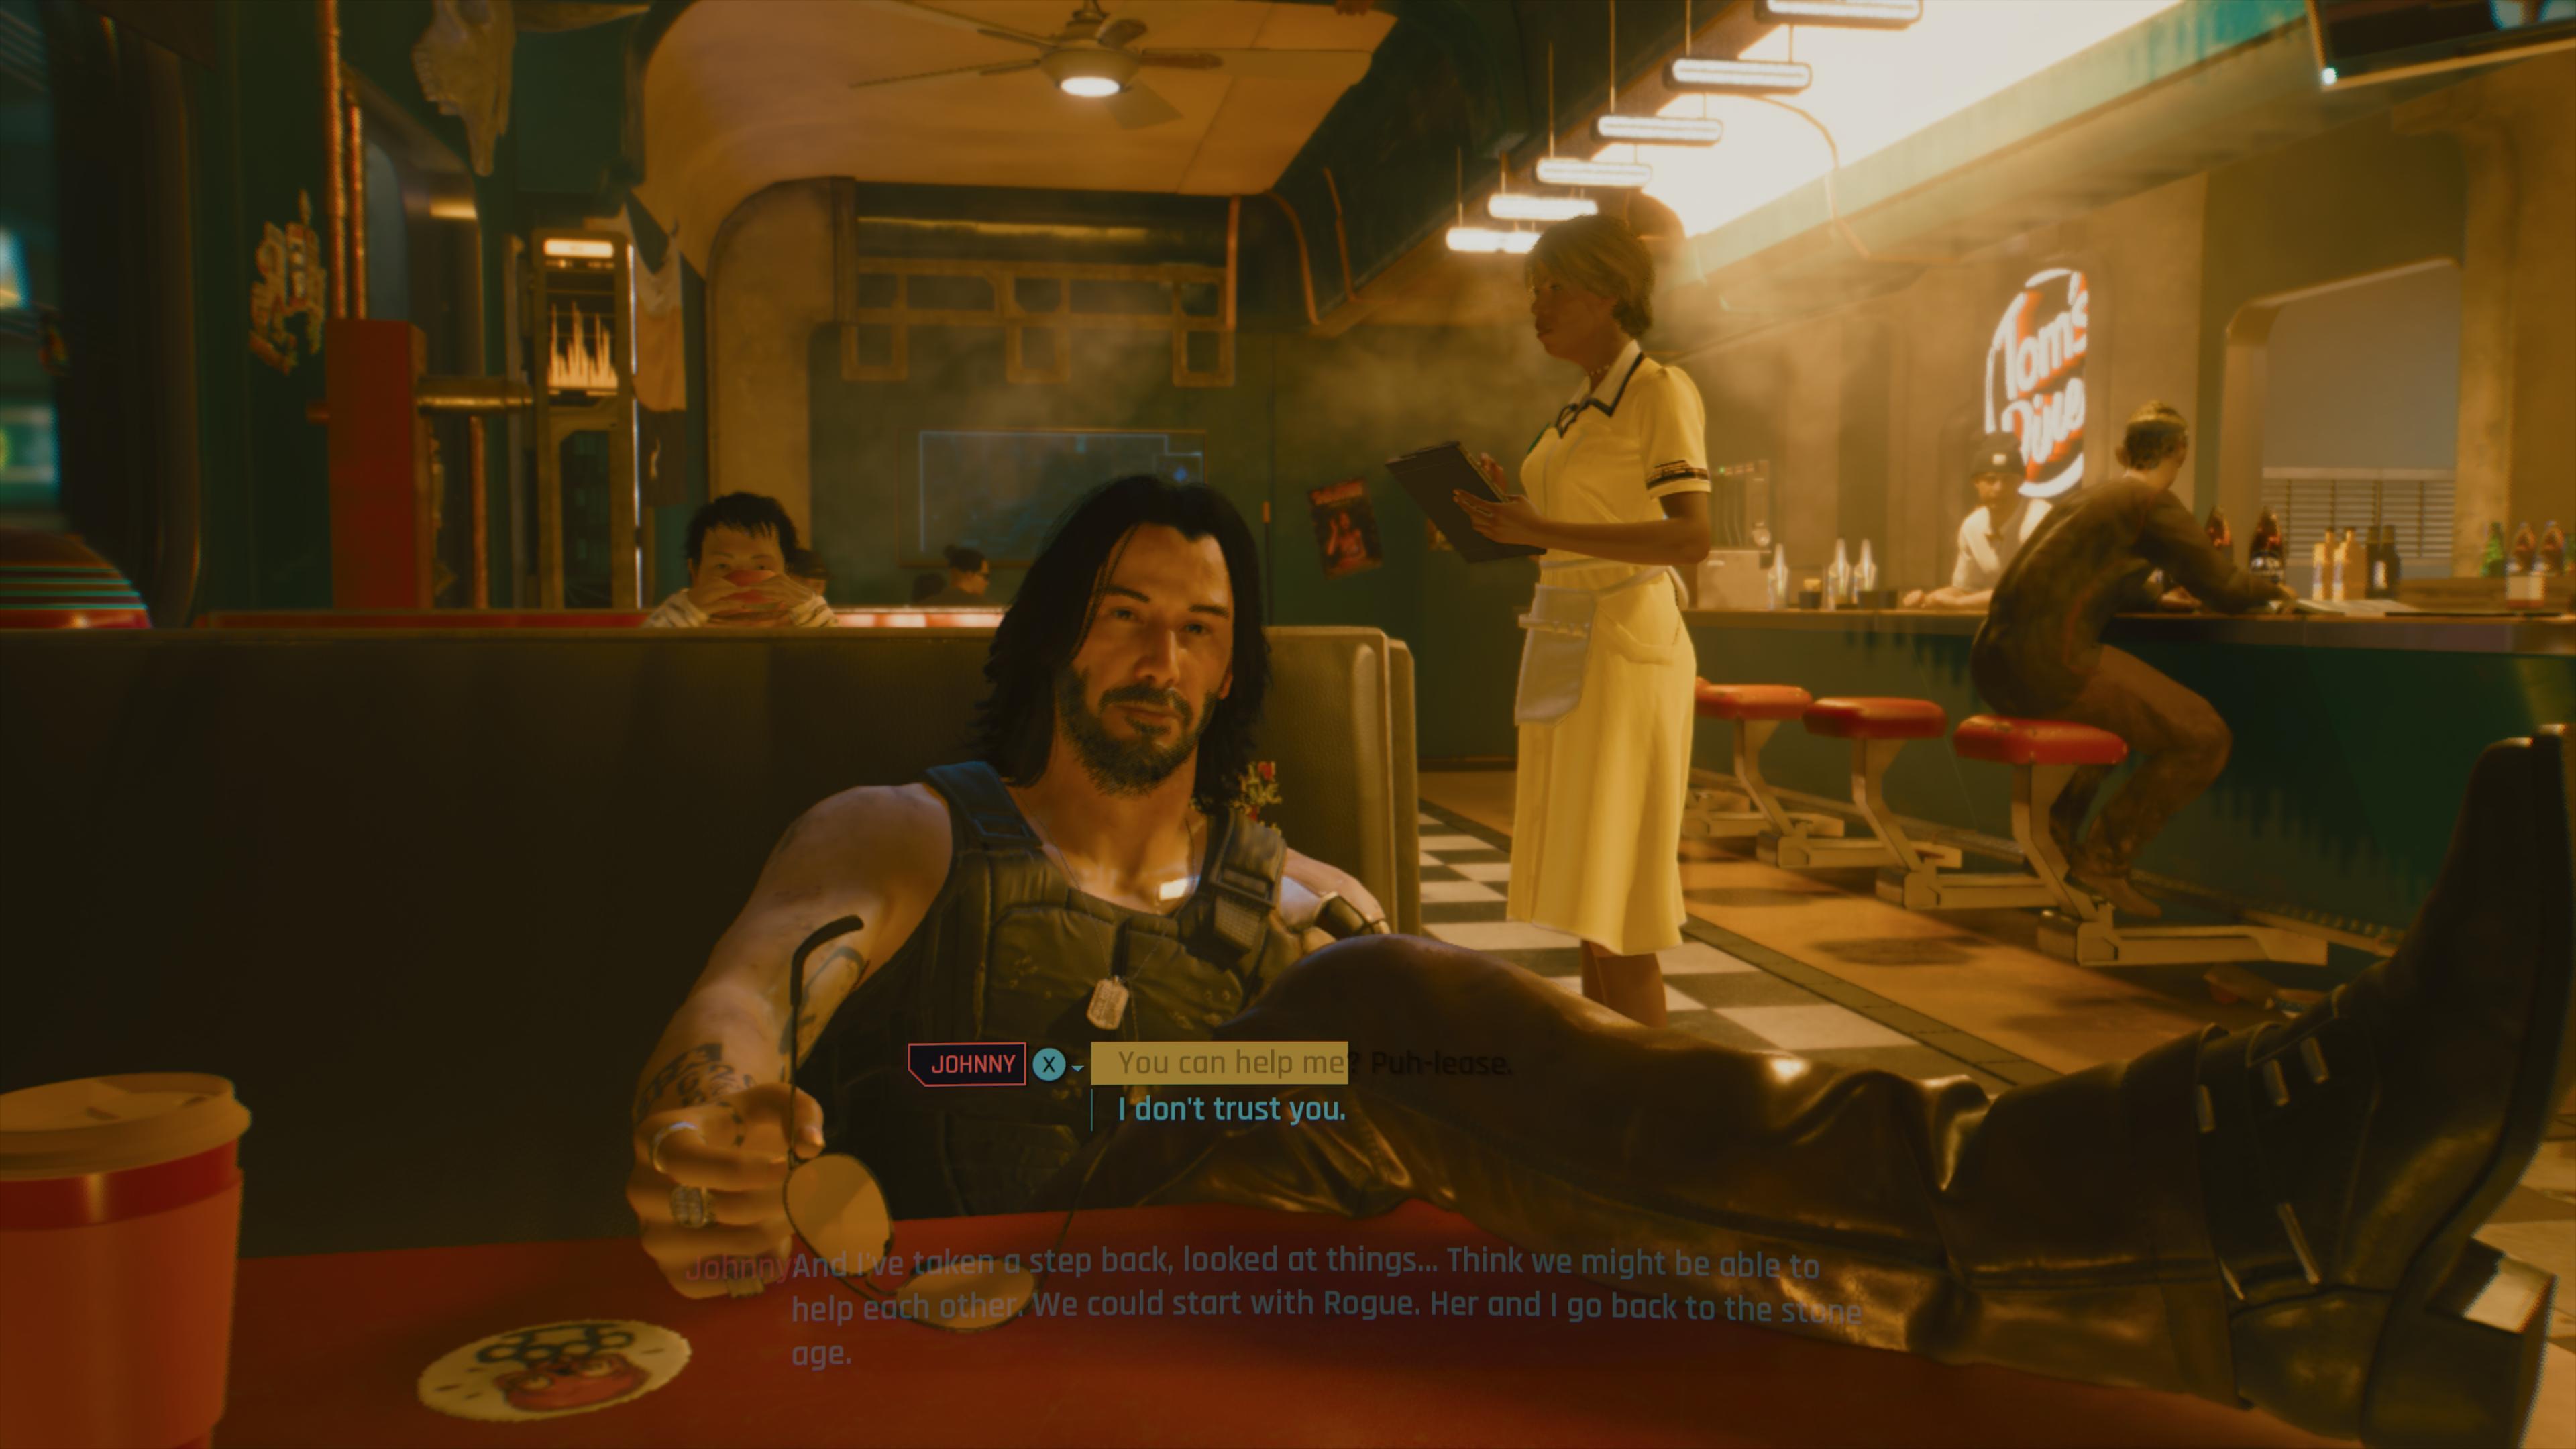 Keanu Reeves a un rôle très important dans le jeu et agit à titre de conscience pour le joueur